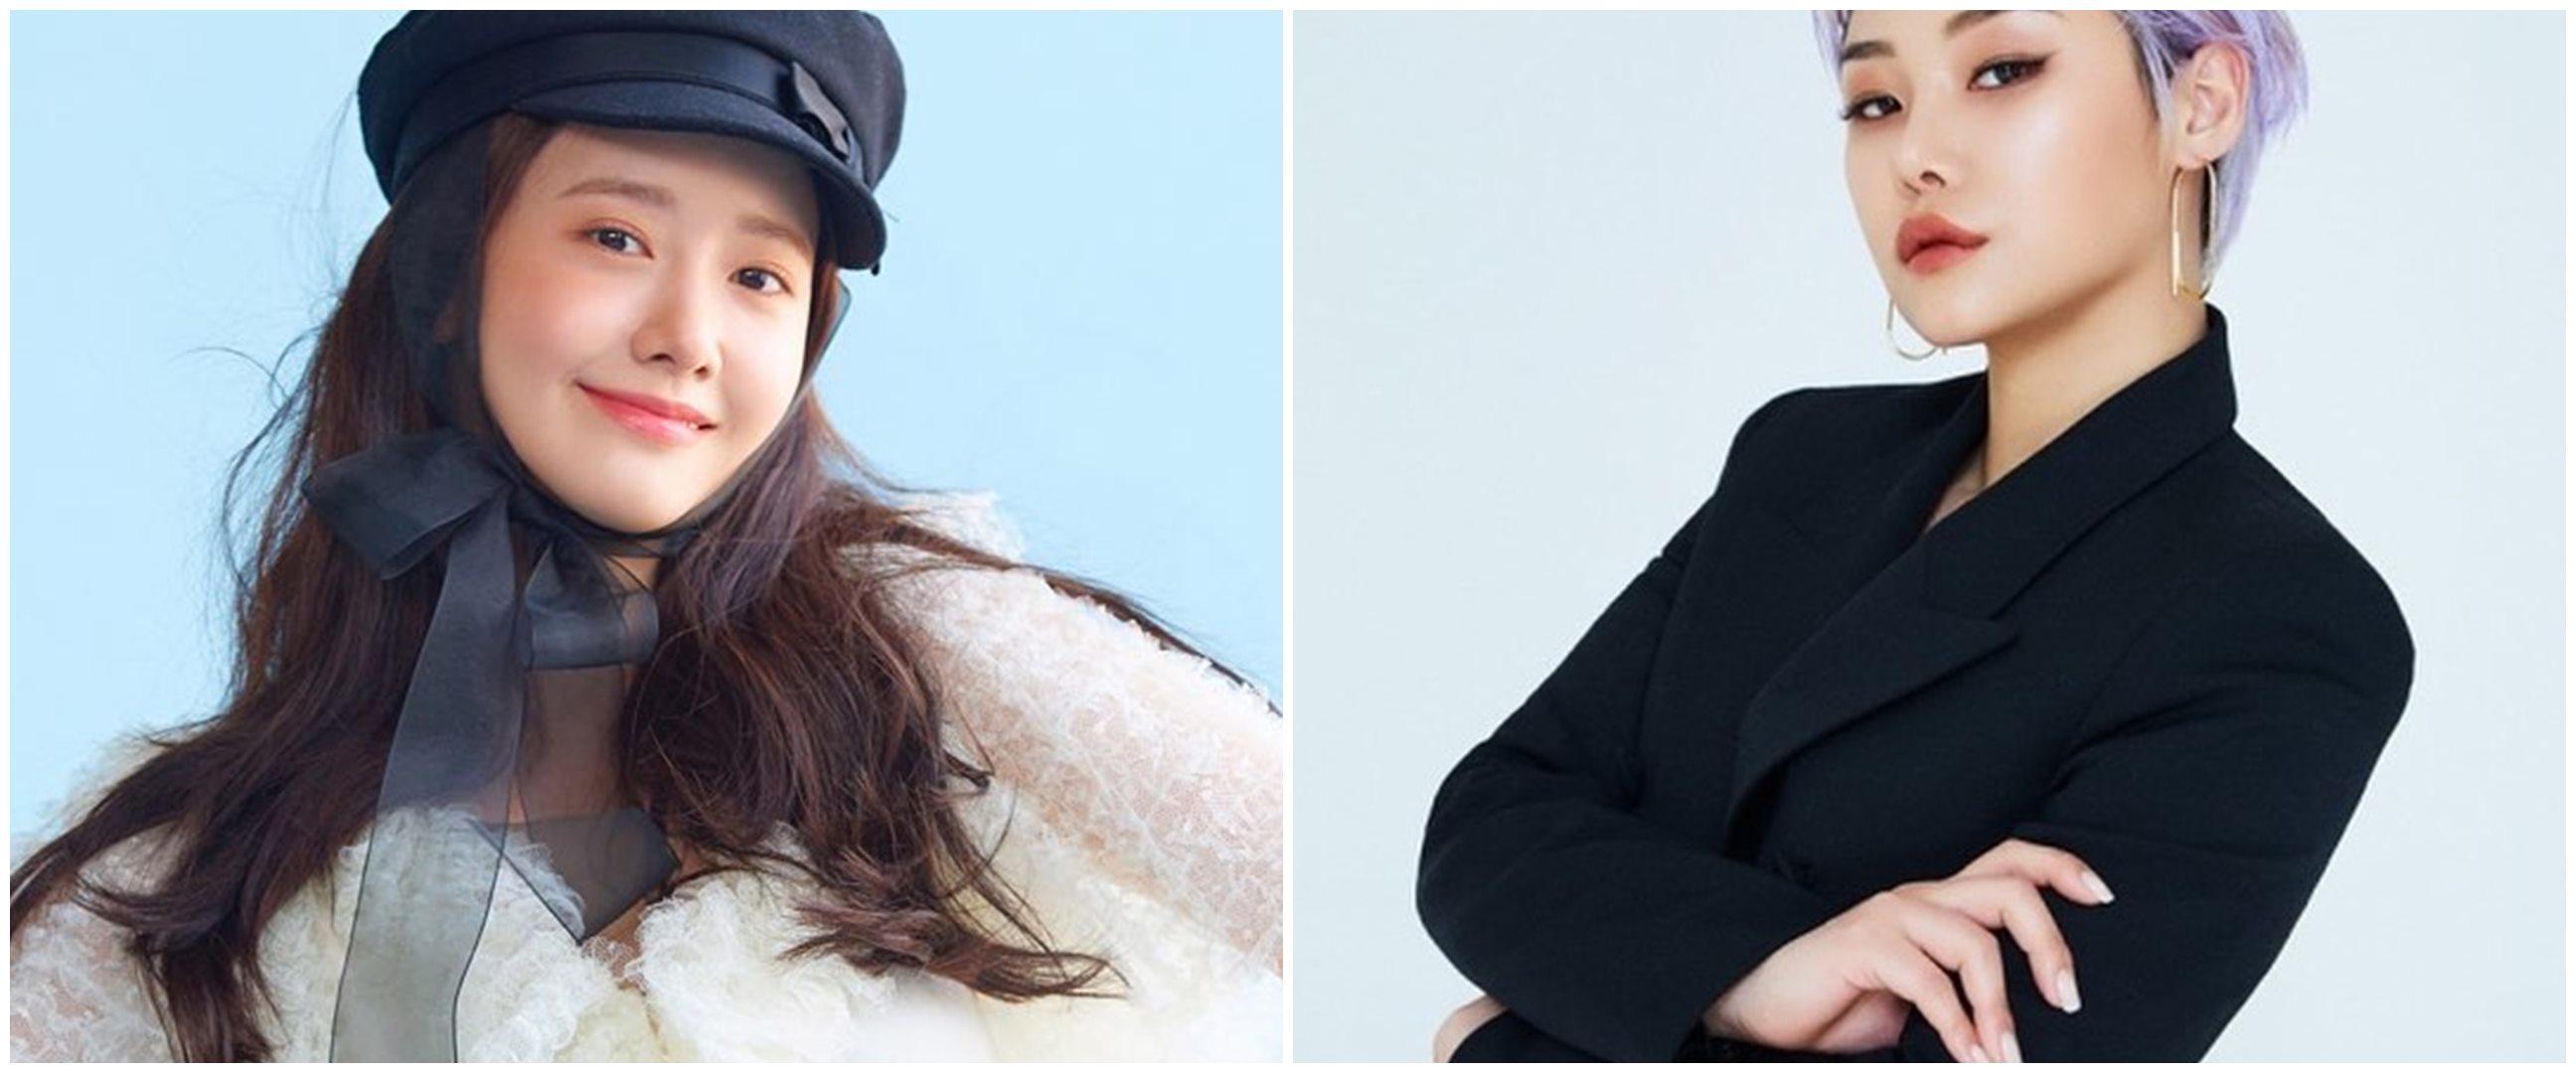 Seumuran, penampilan 12 pasang idol K-Pop ini ternyata beda jauh